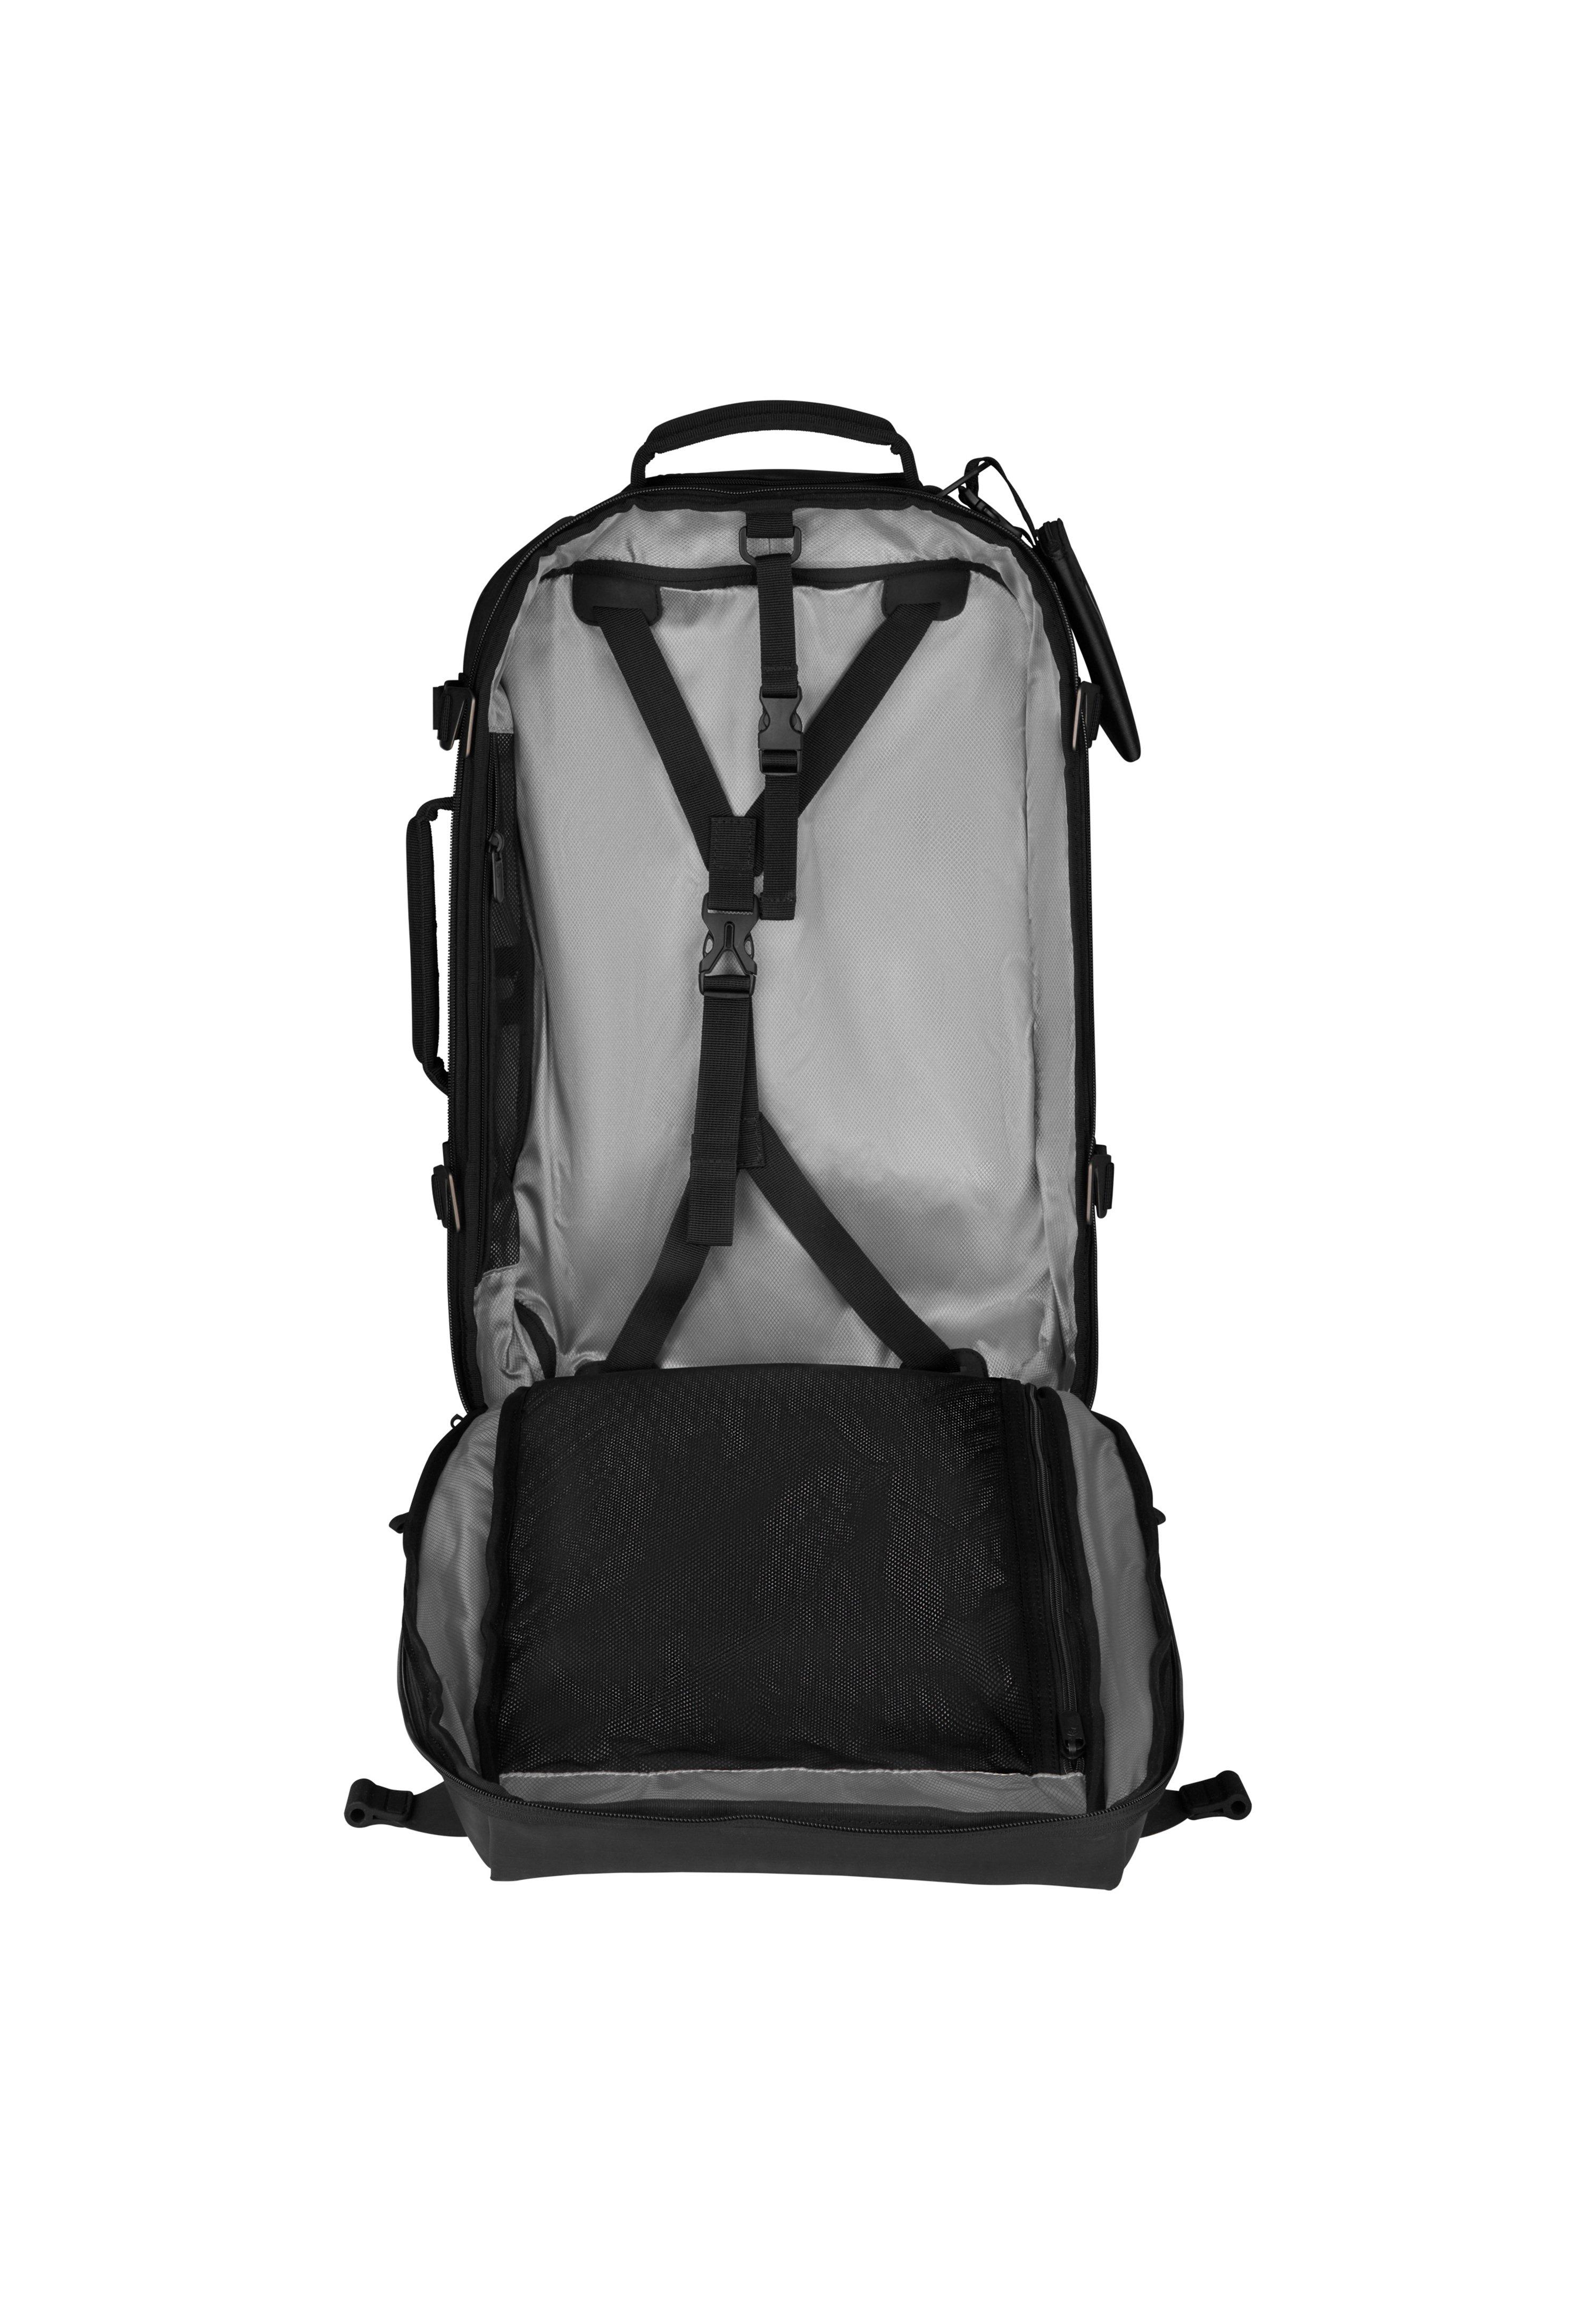 Victorinox Boardcase - black coated/schwarz - Herrentaschen jFJr8